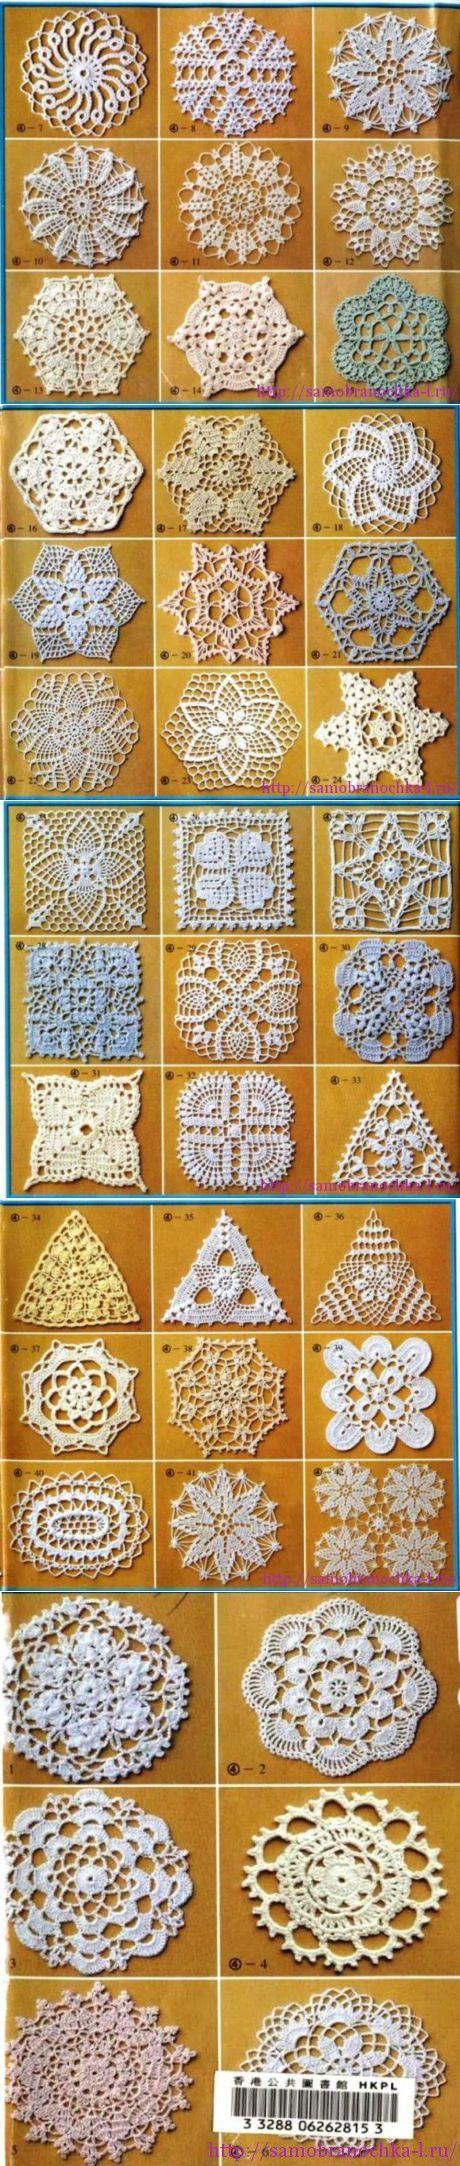 samobranochka-l.ru motif dantel örnekleri